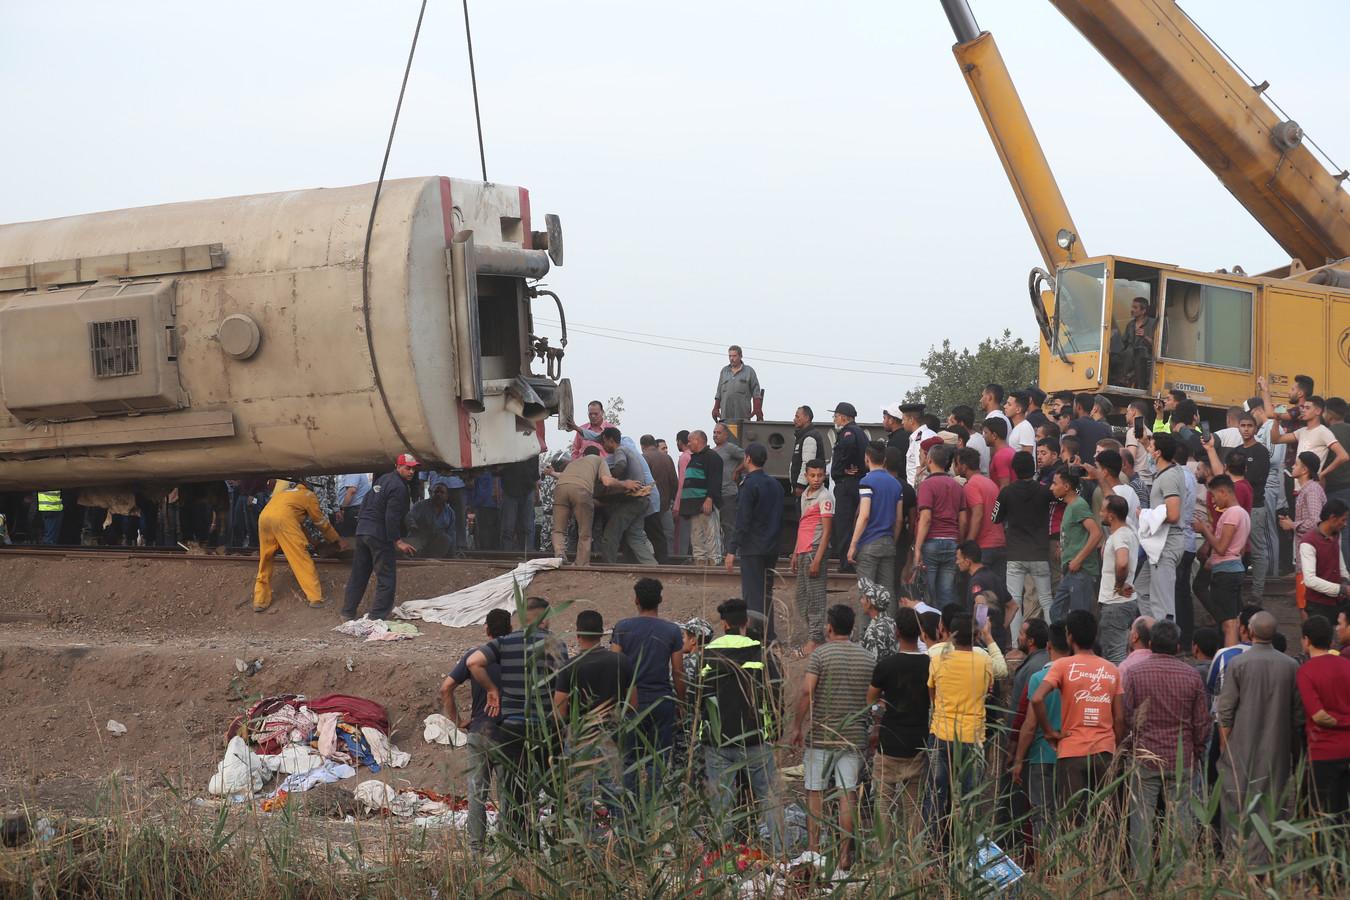 Reddingswerkers zoeken onder de wagons naar mogelijke slachtoffers.